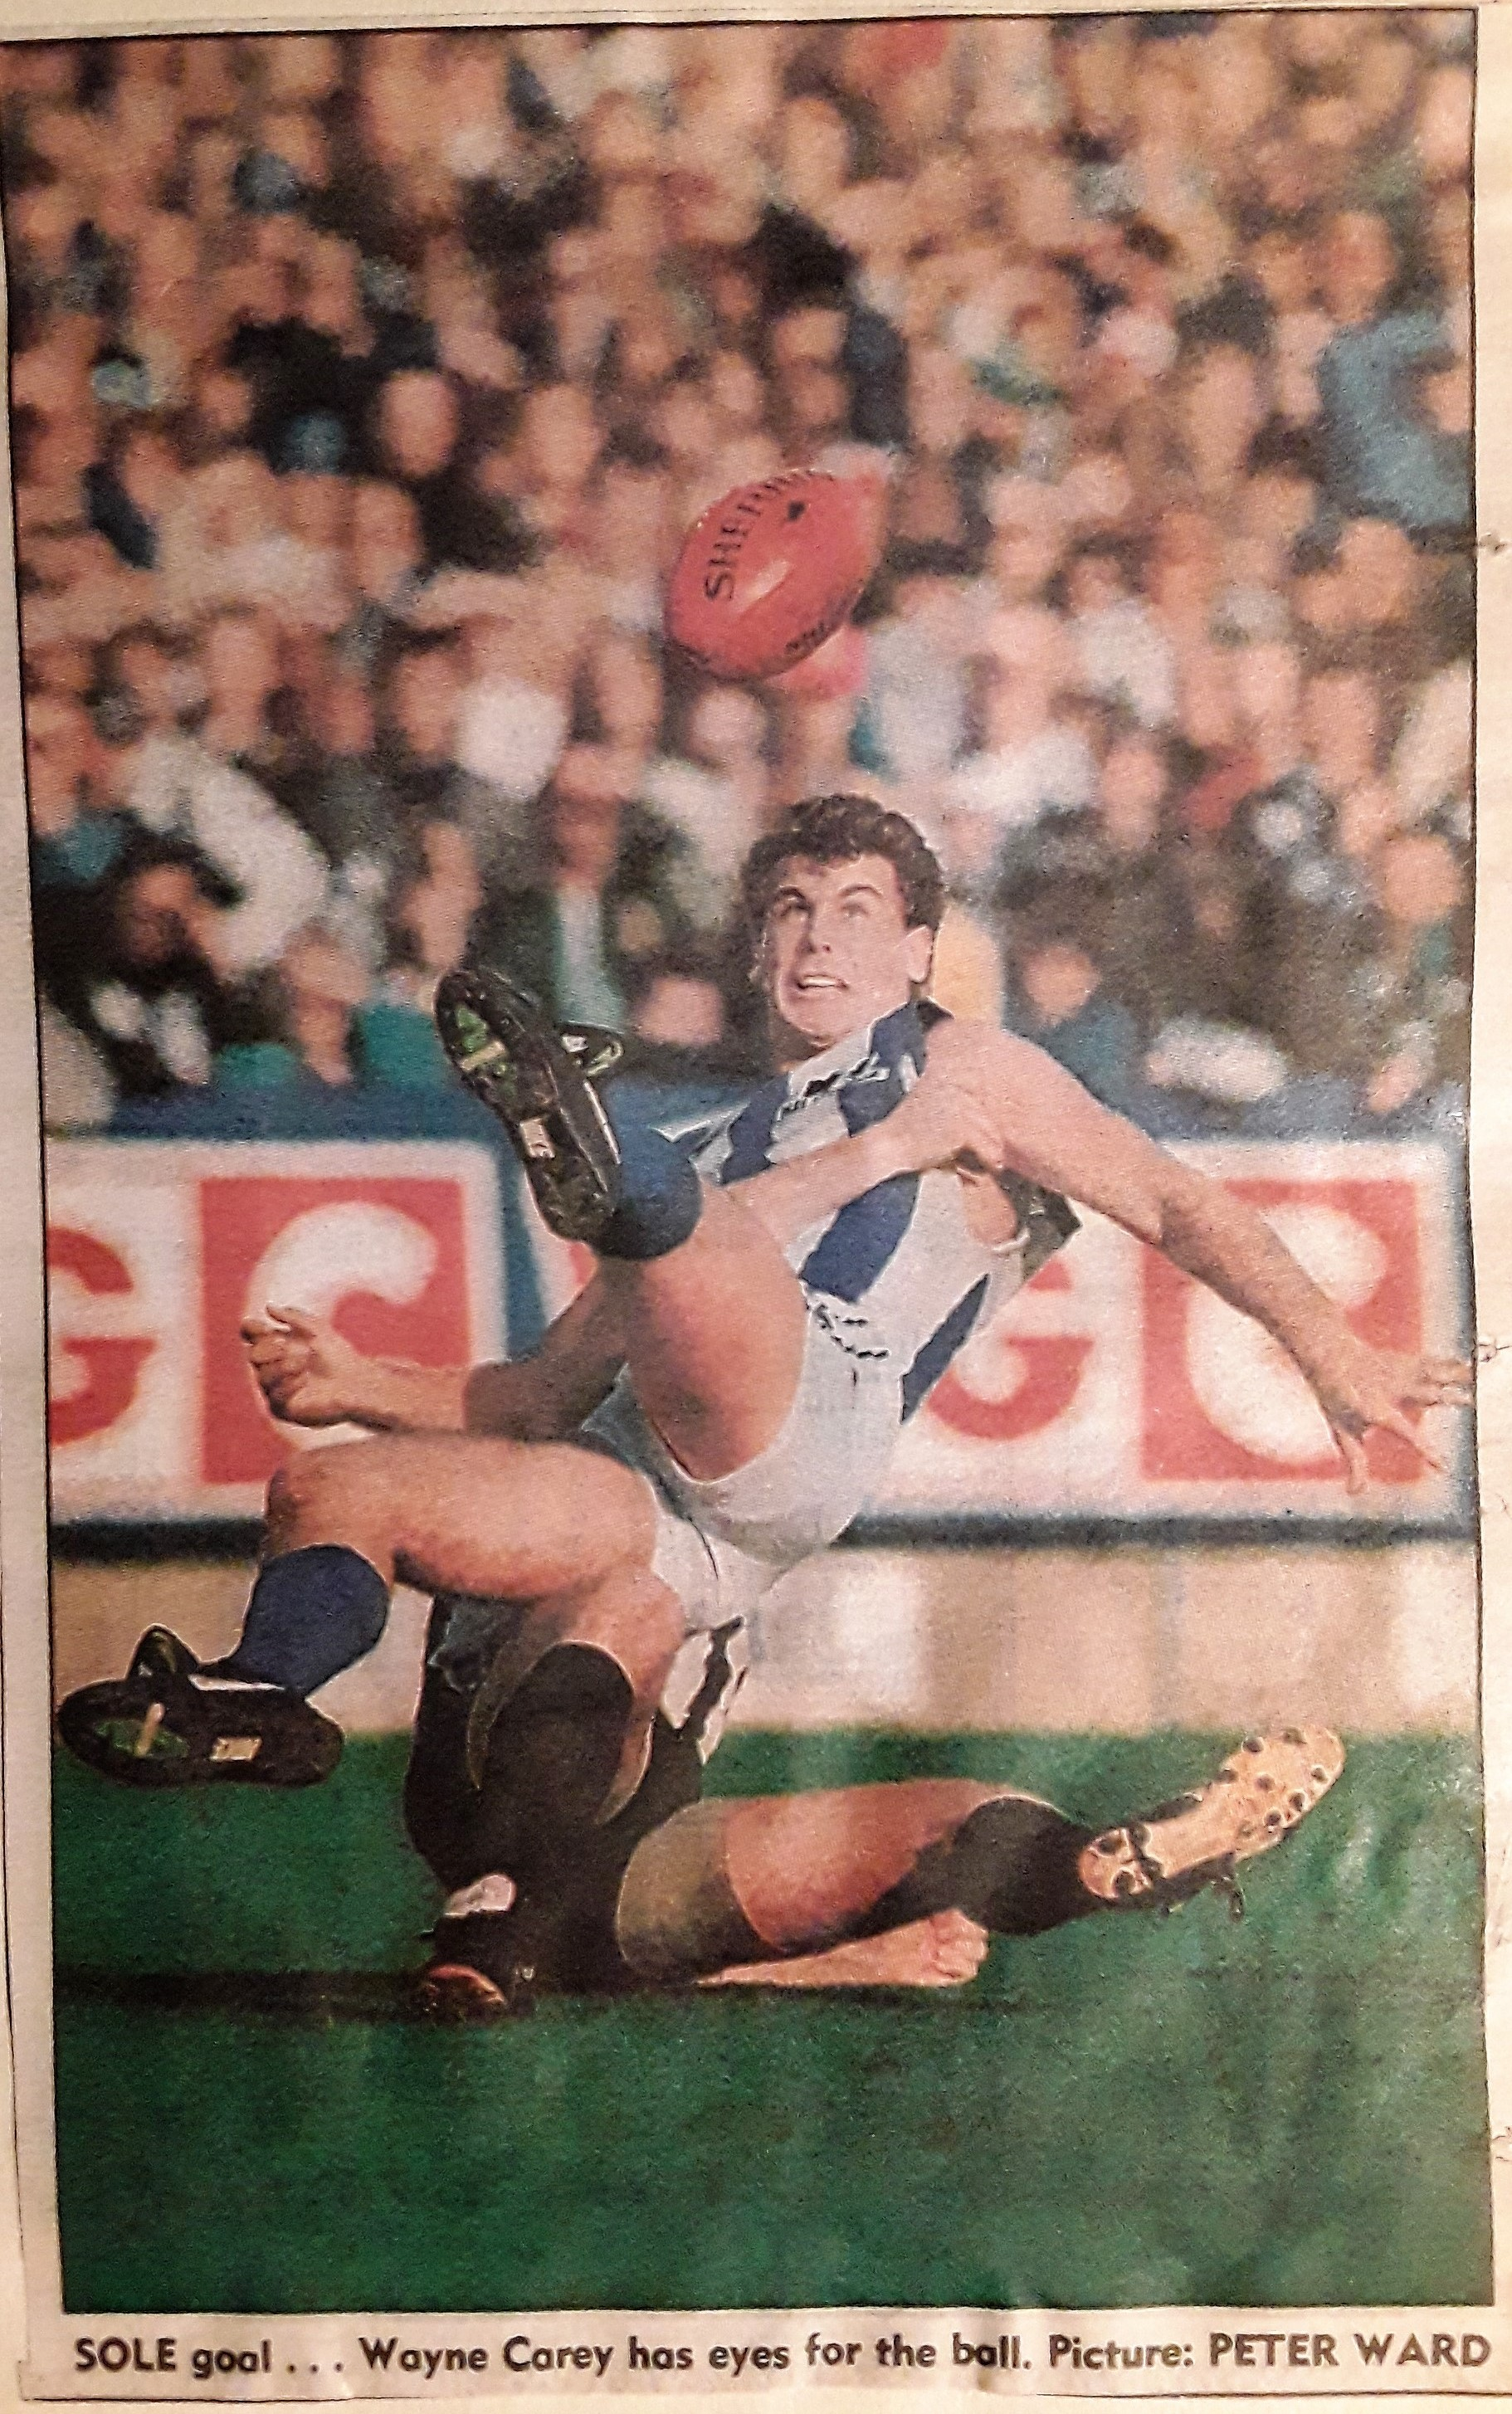 1993 05 29 Carey.jpg